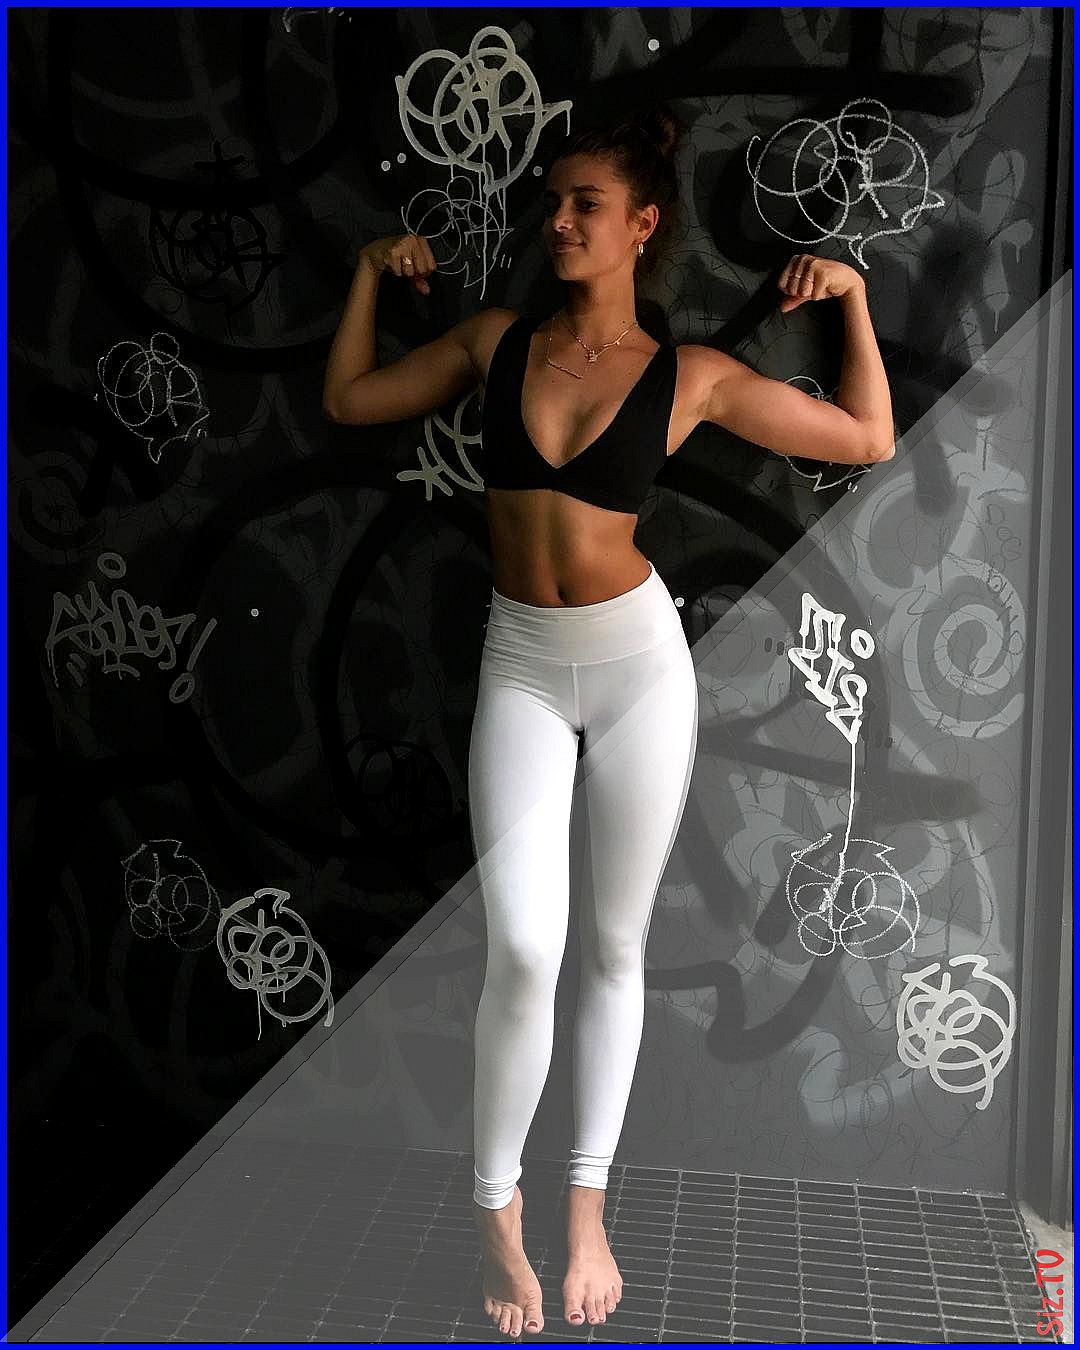 Workout Fitness Trends 038  bungen zum Nachmachen  ELLE Workout Fitness Trends 038  bungen zum Nachm...